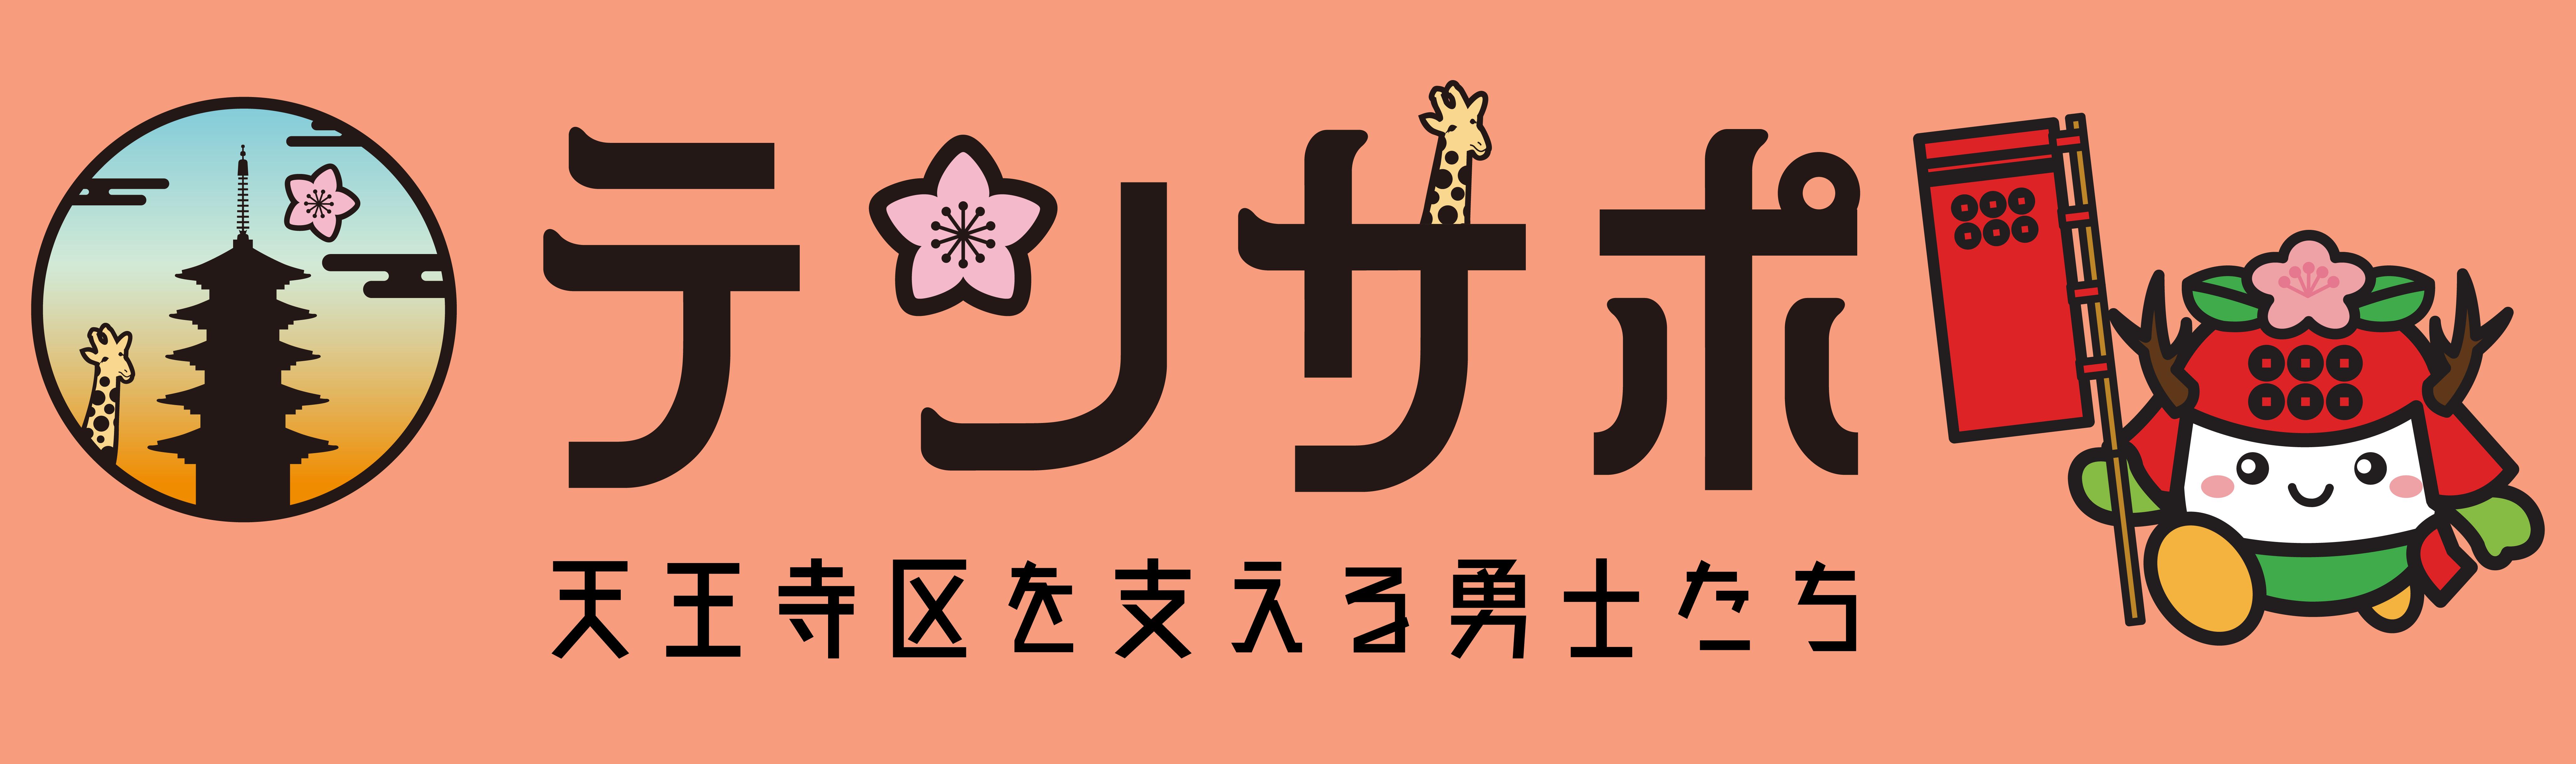 制度を活用しデザインされた「テンサポ」のロゴ